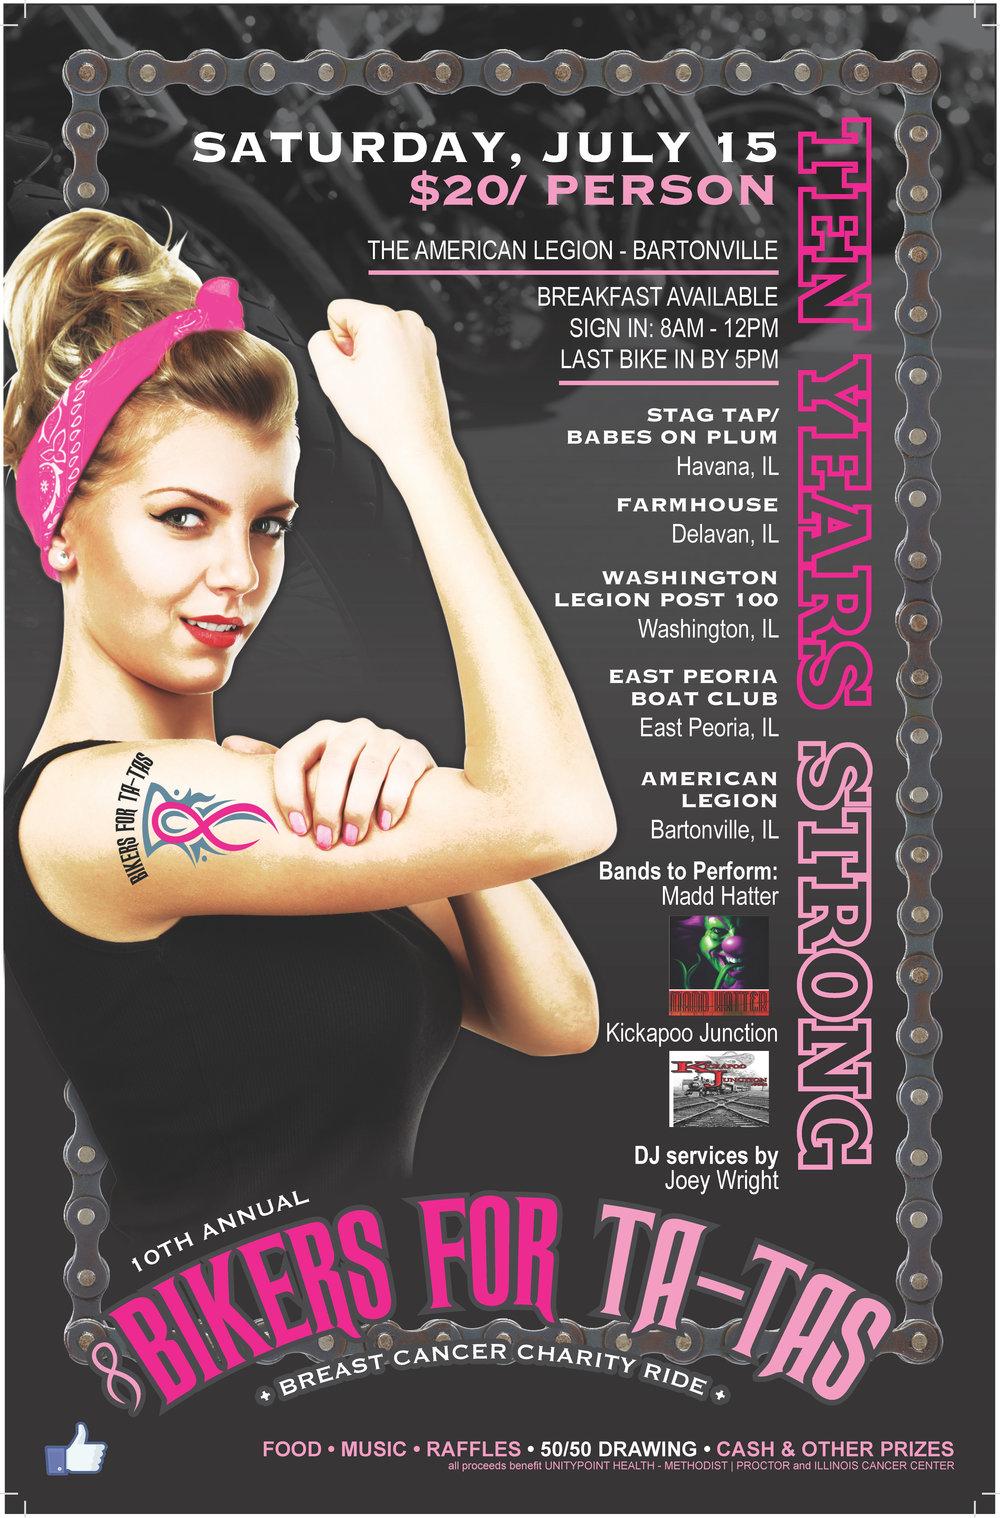 BFTT-Poster 11x 17 bands-0217.jpg